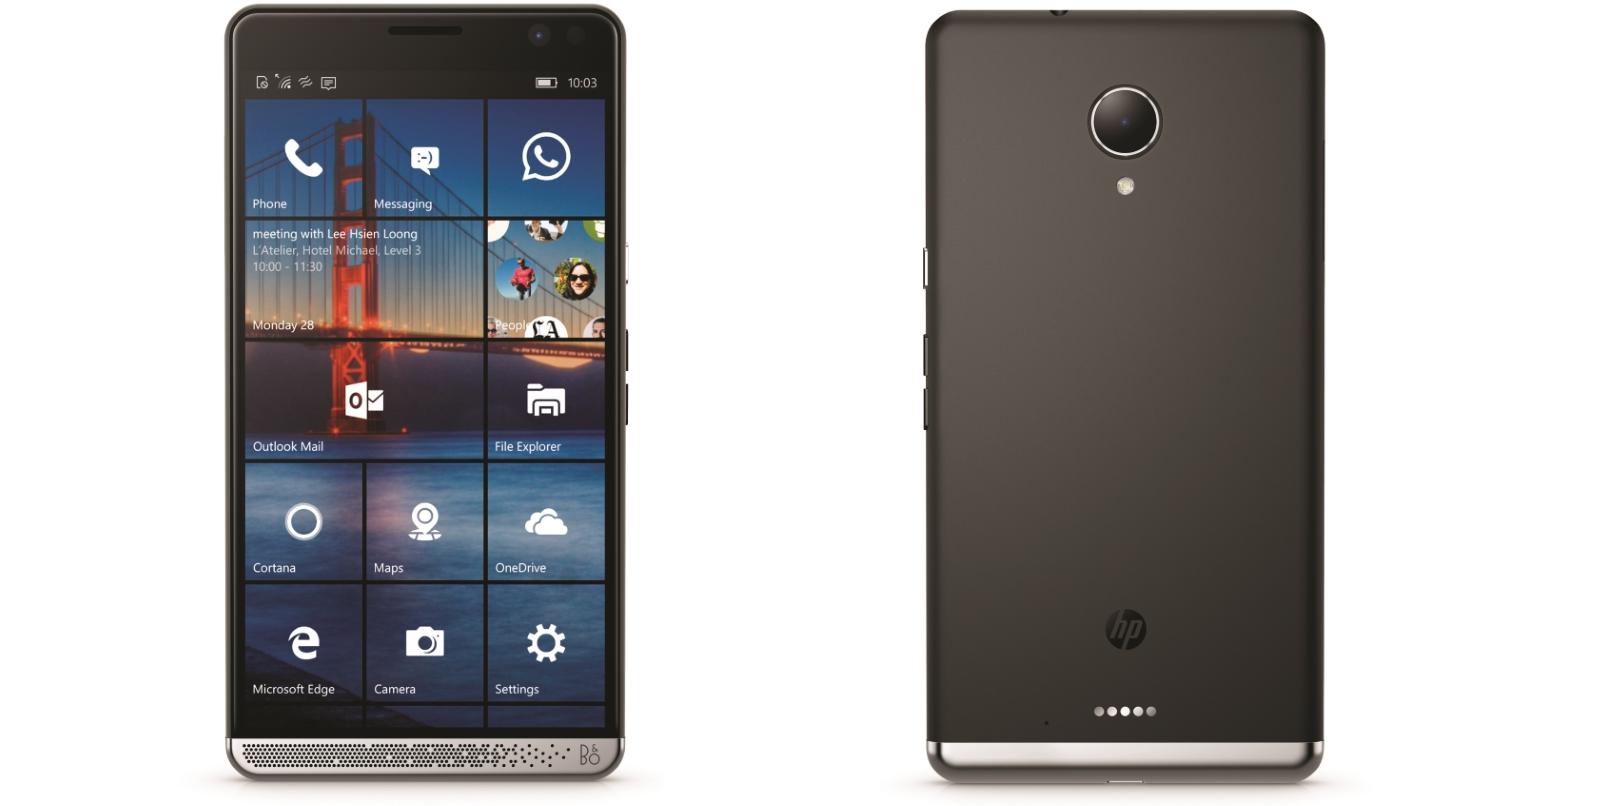 MWC 2016 : HP Elite x3, il est malheureusement sous Windows 10 Mobile